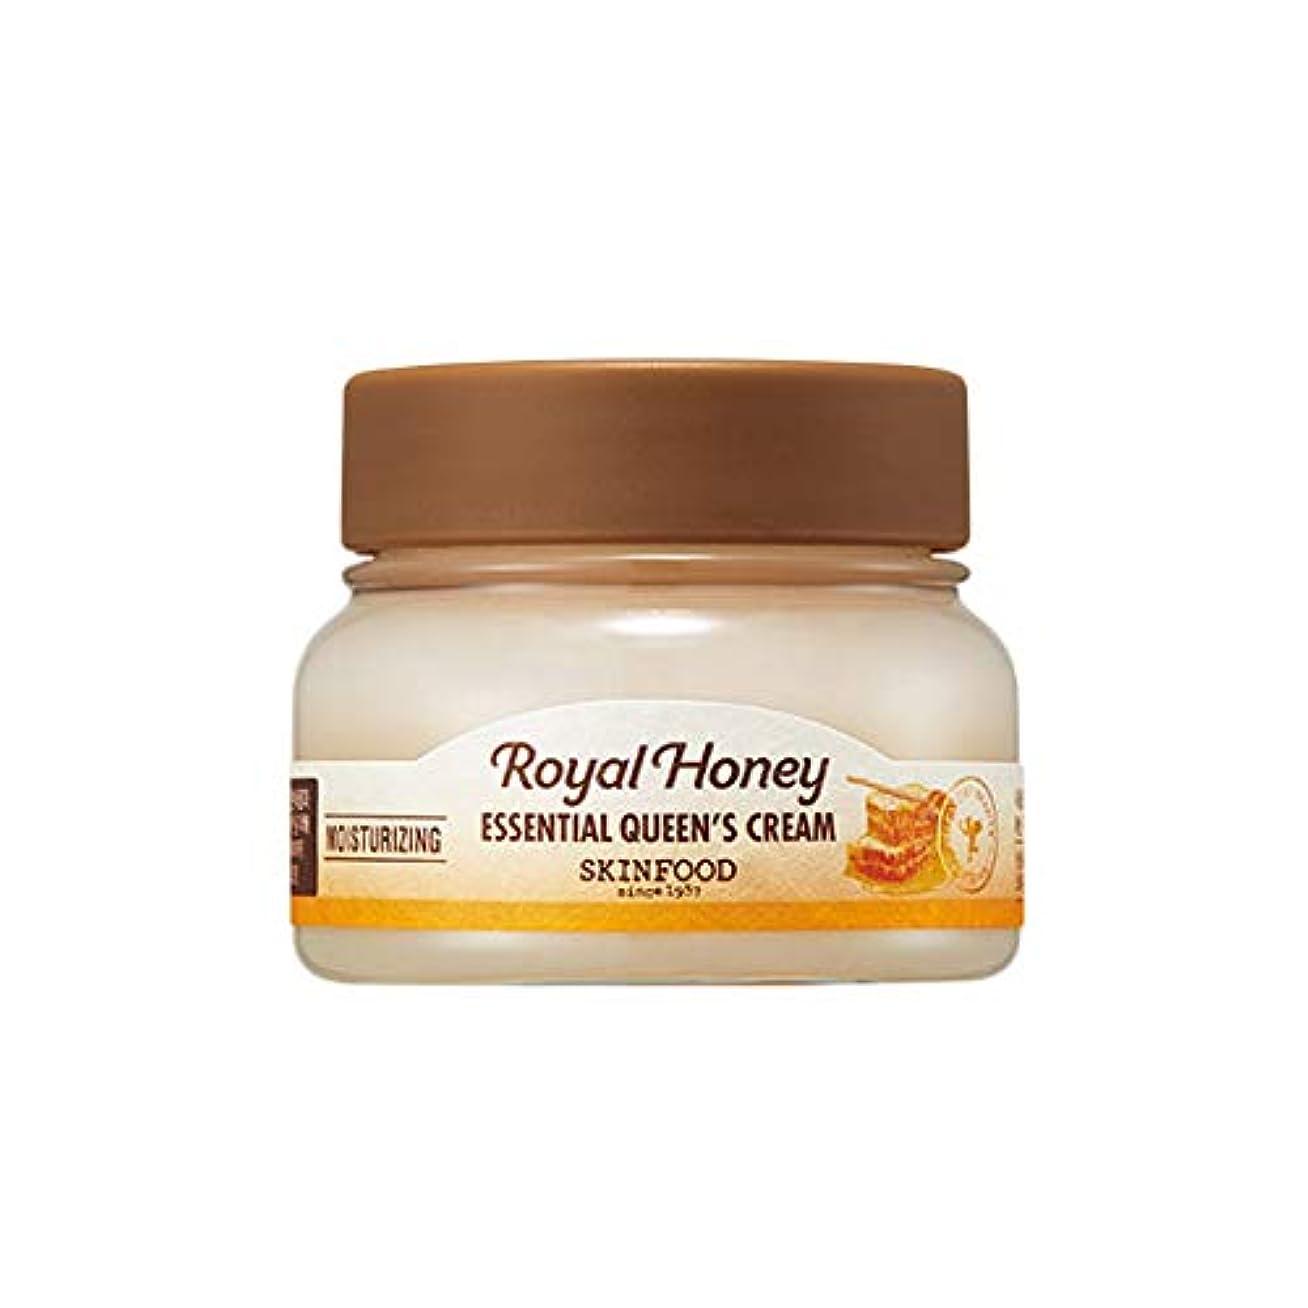 建物かご予言するSkinfood ロイヤルハニーエッセンシャルクイーンクリーム/Royal Honey Essential Queen's Cream 62ml [並行輸入品]